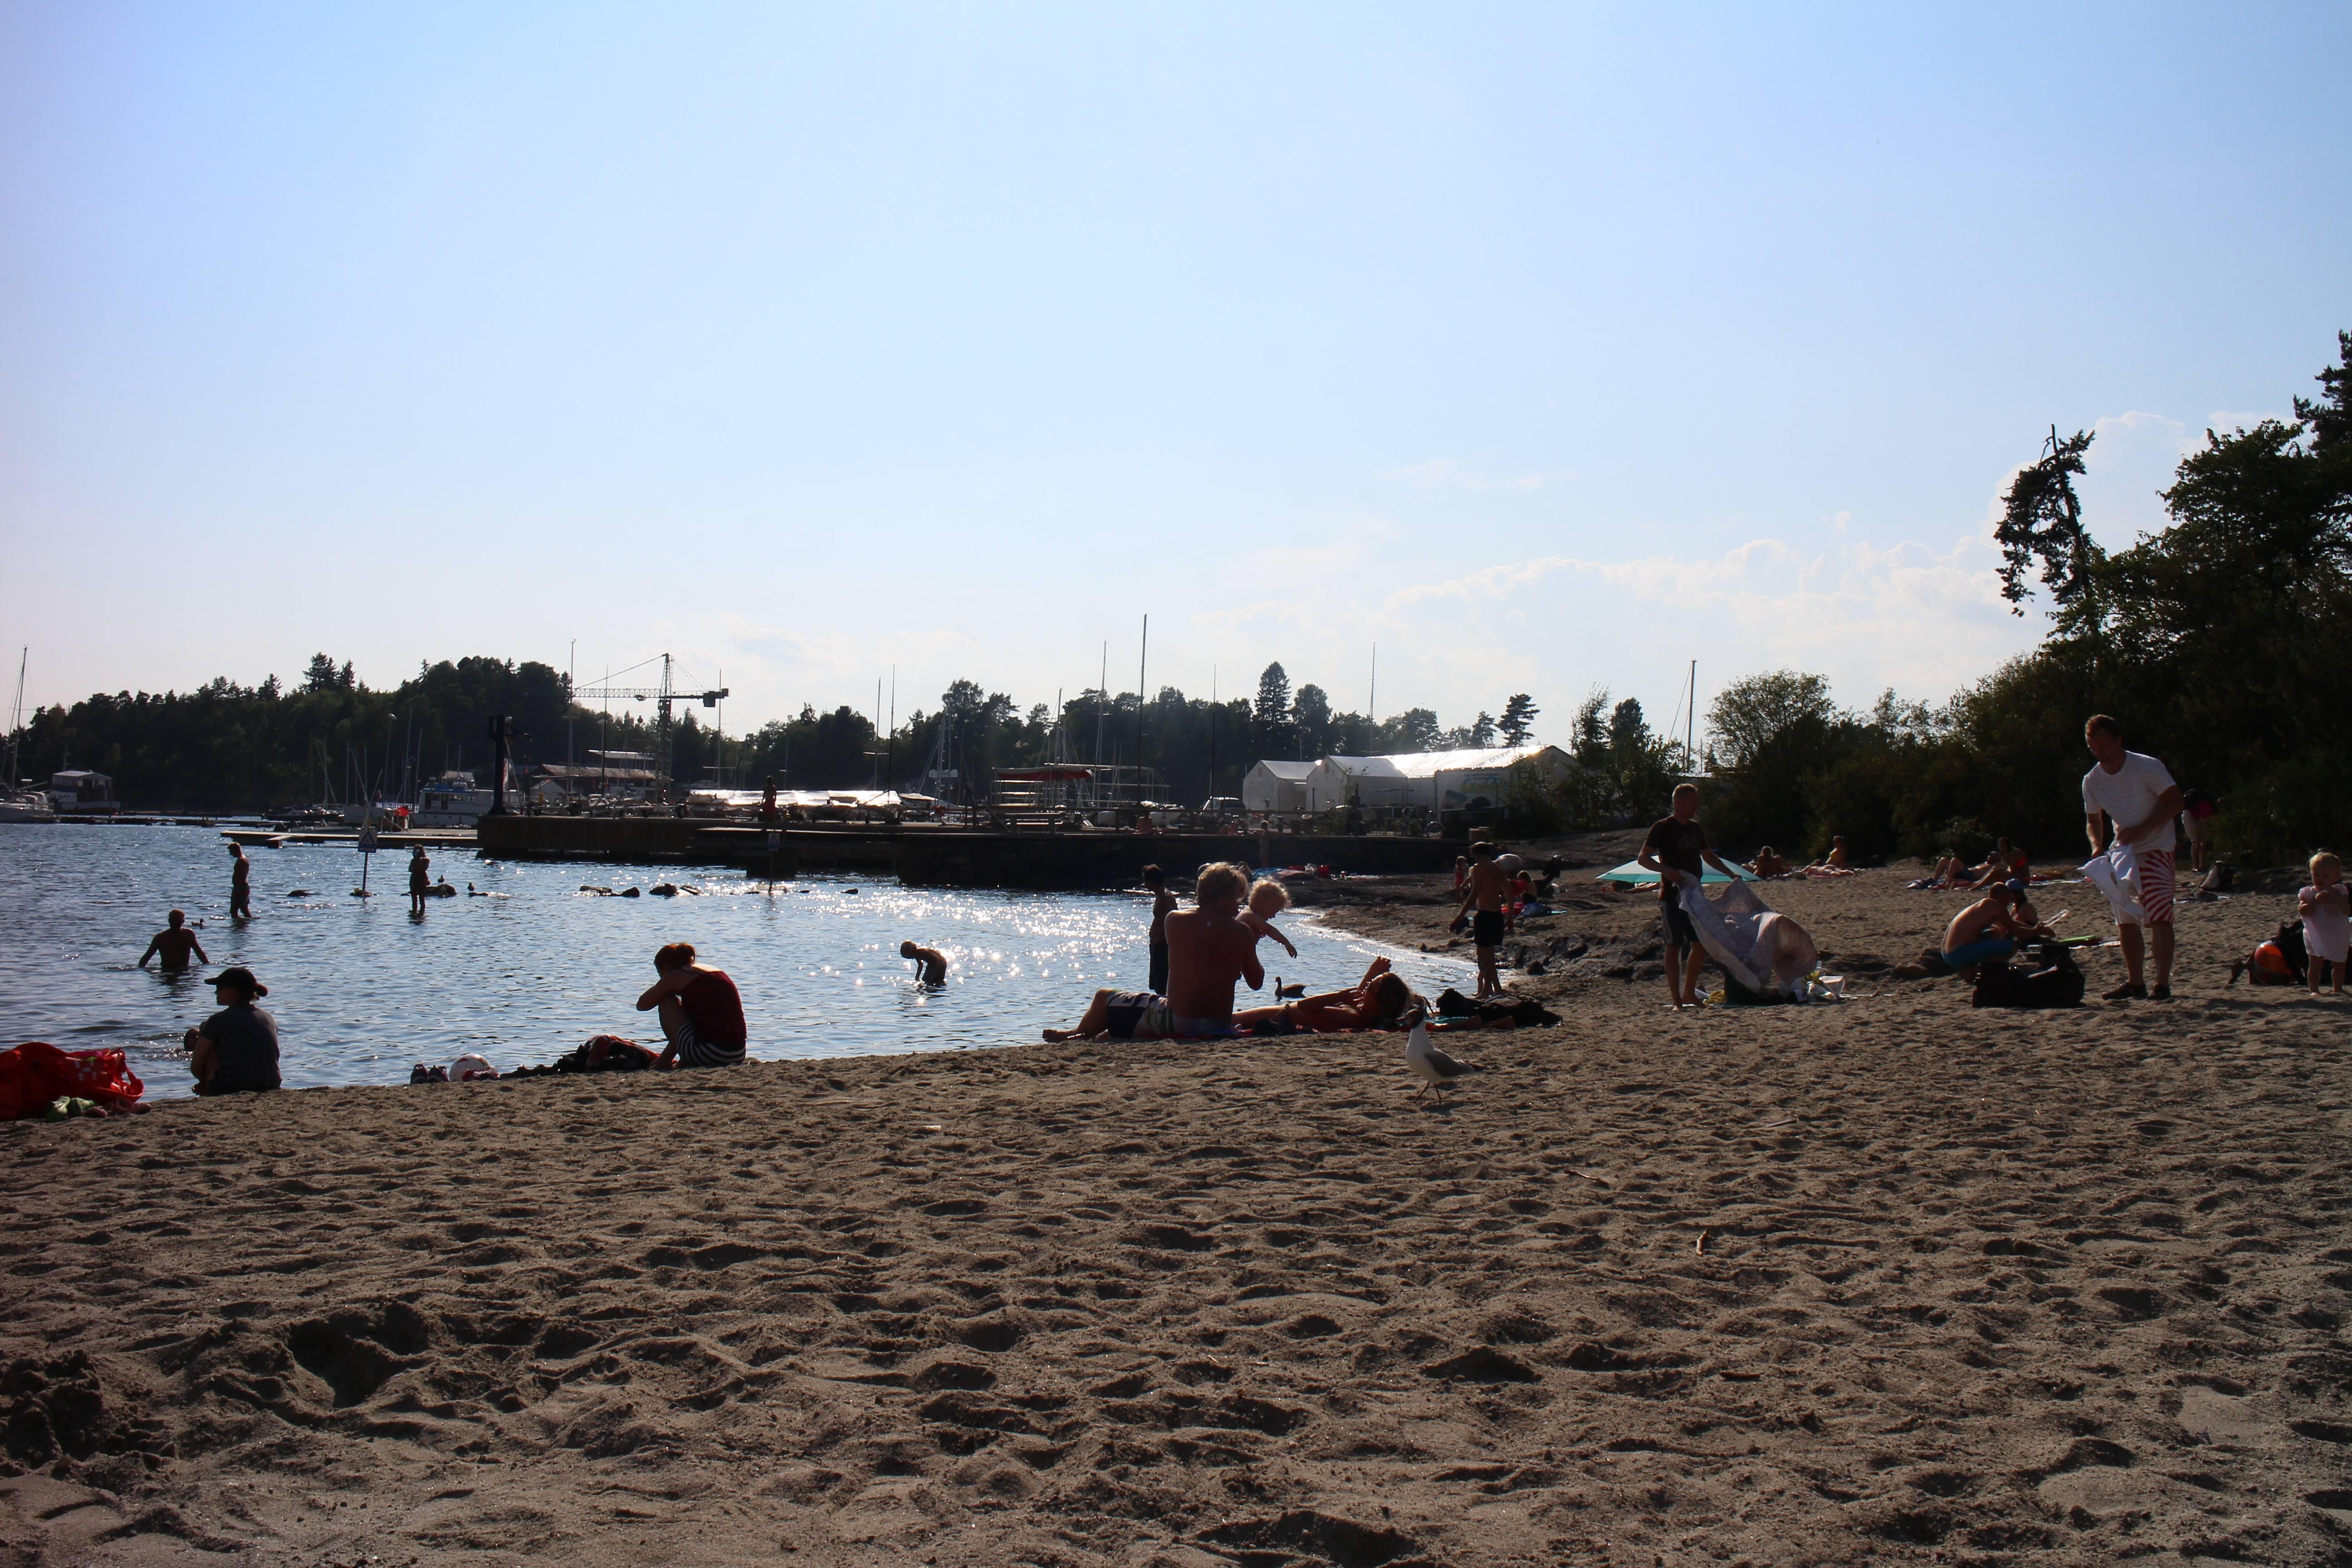 Photo 1: La plage de Bygdoy, la presqu'ile d'Oslo